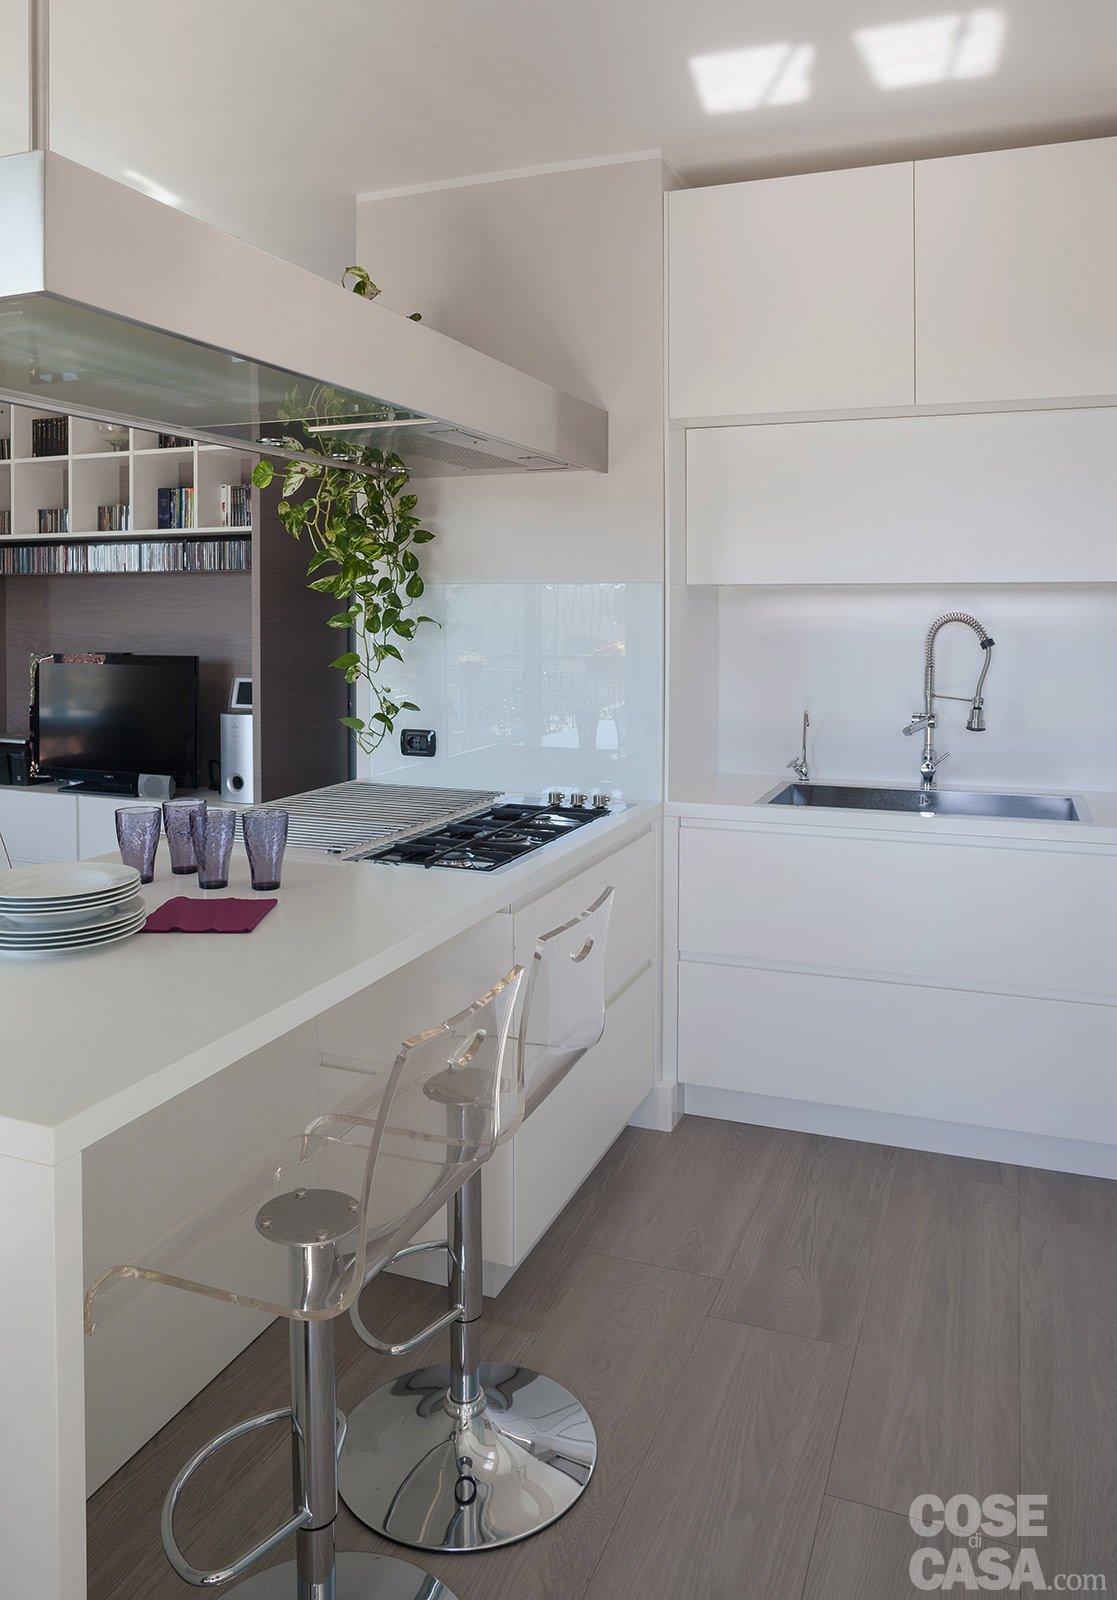 Cucina Con Cartongesso: Foto ristrutturazione cucina soggiorno con ...